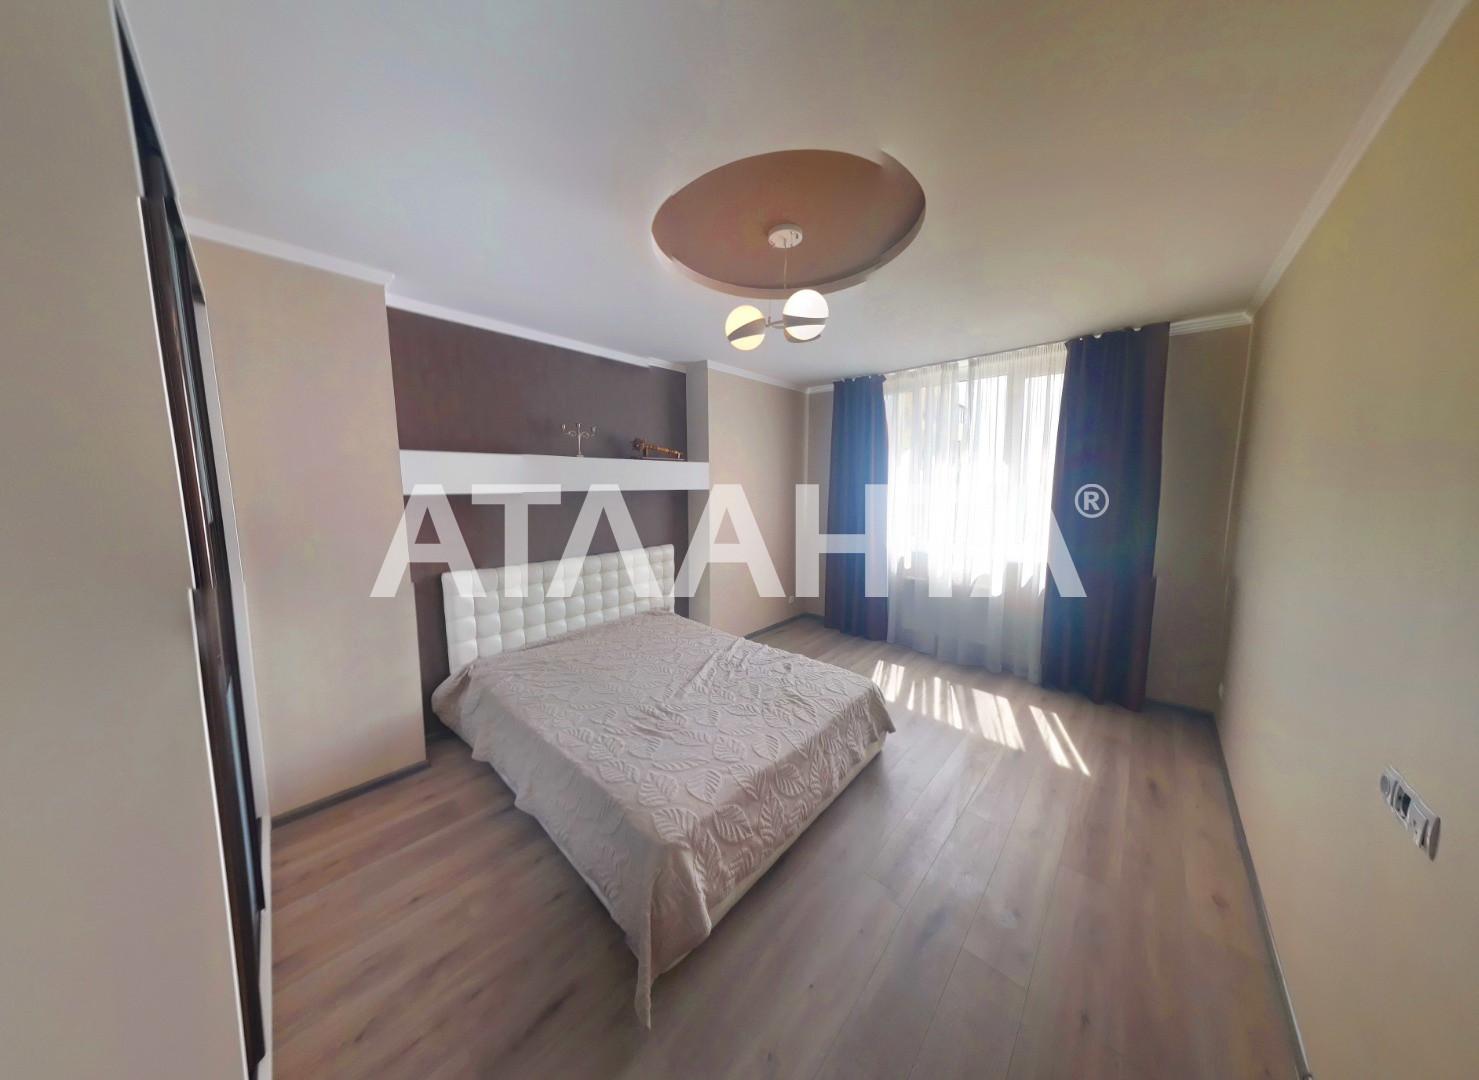 Продается 2-комнатная Квартира на ул. Ул. Вильямса — 130 000 у.е. (фото №3)